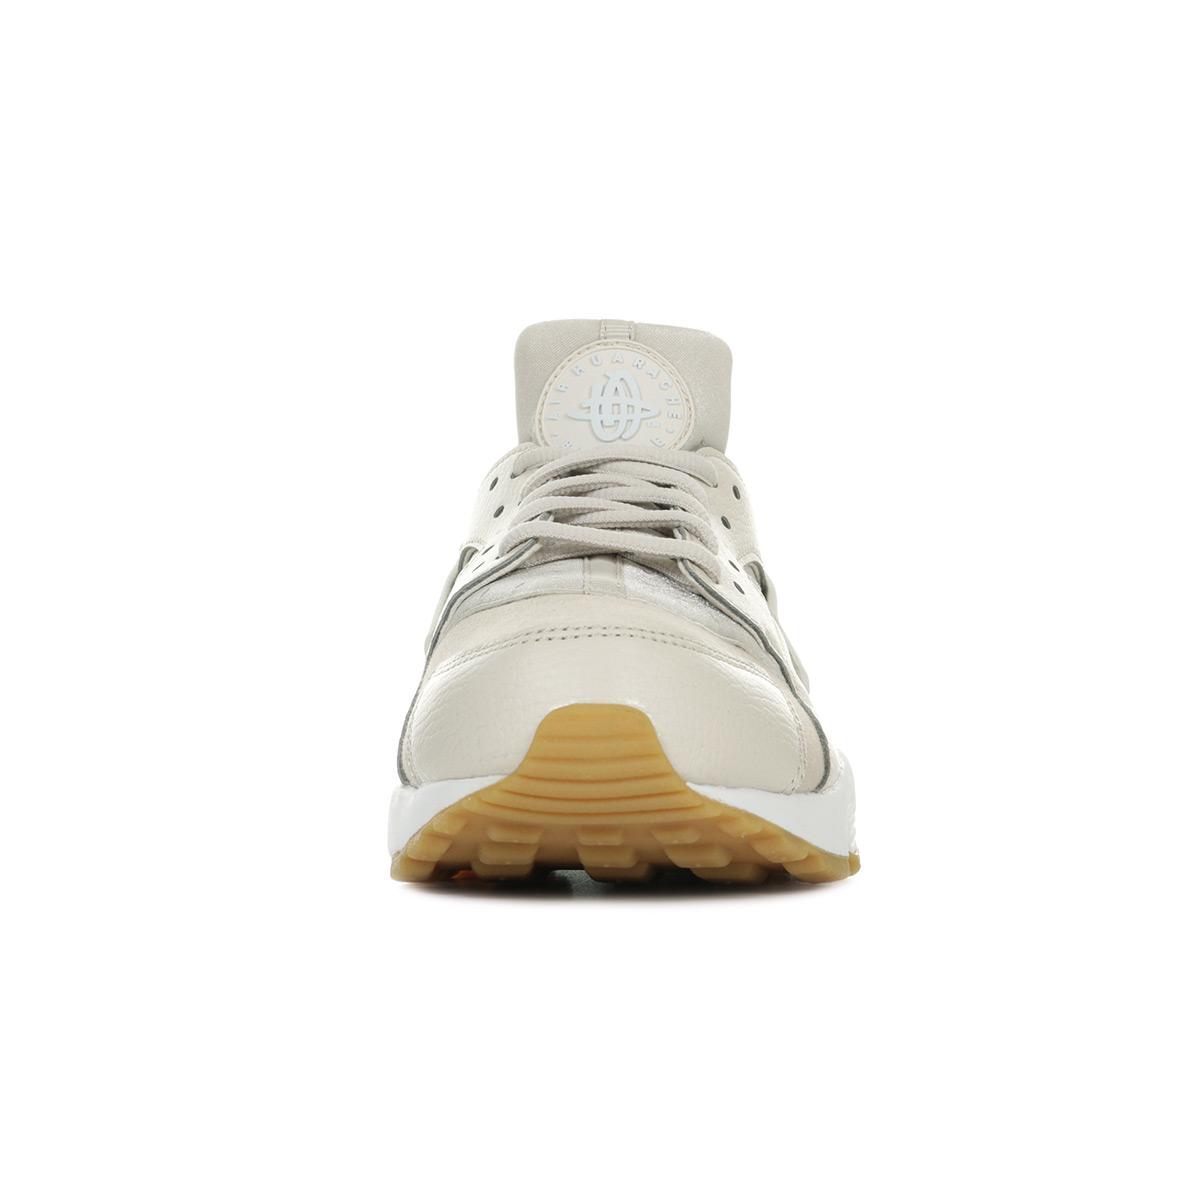 802ad95da555 Nike WMNS Air Huarache Run